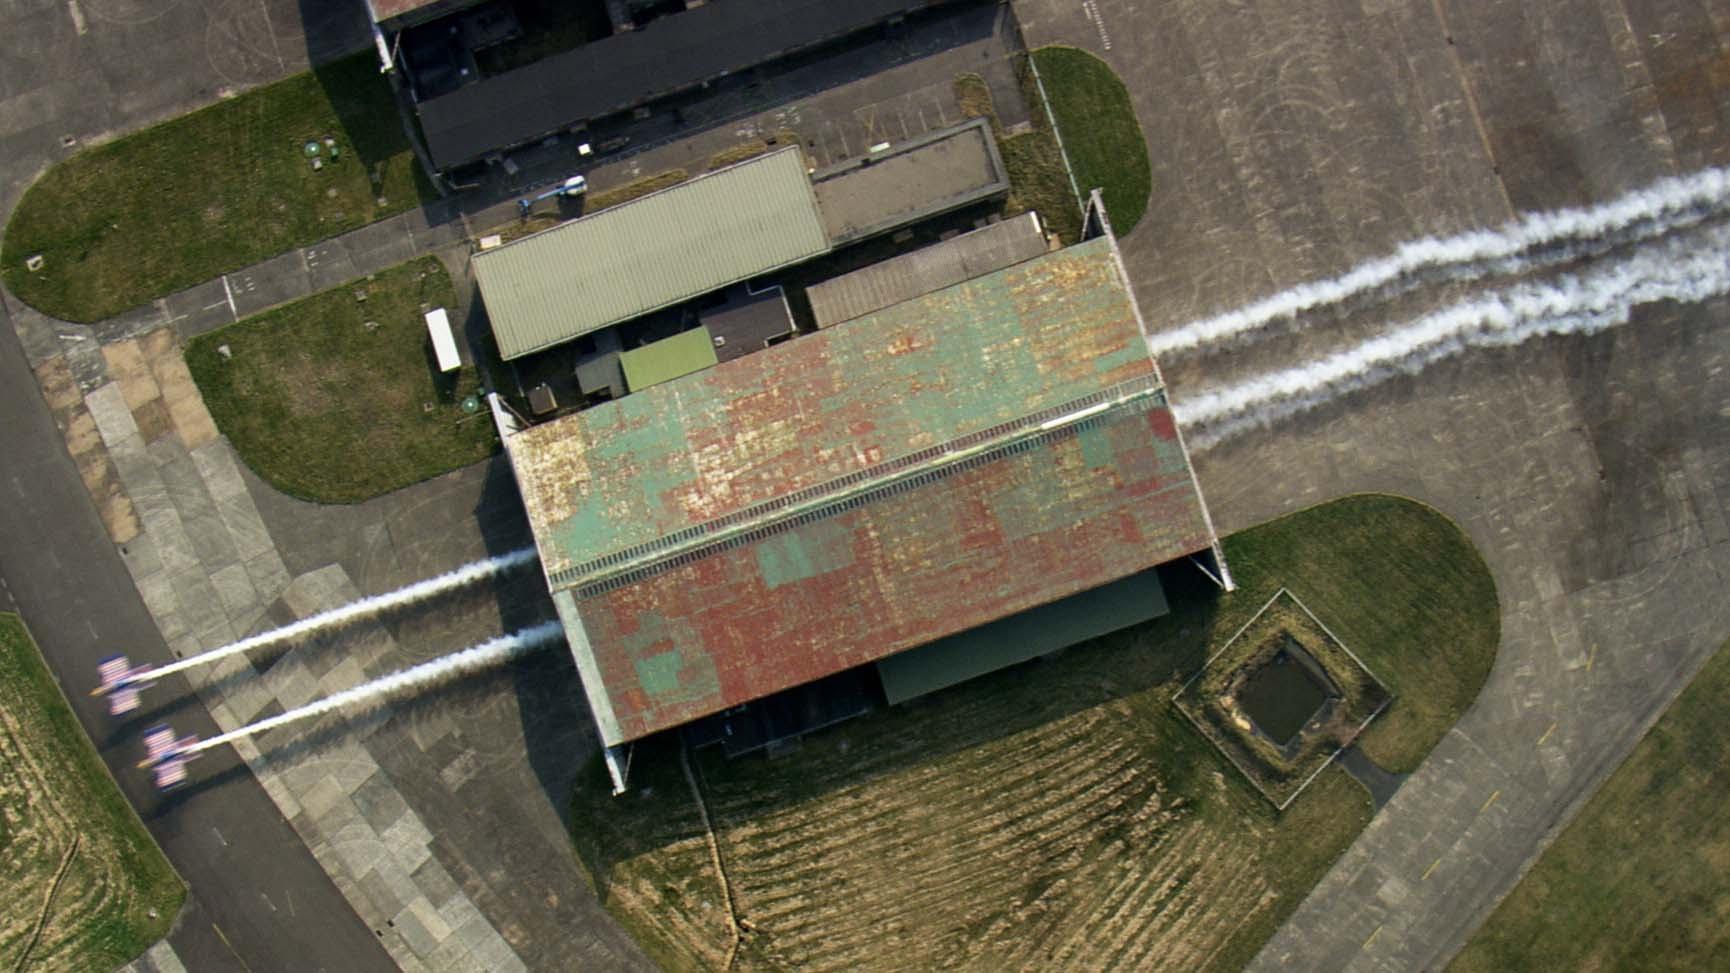 小型飛行機をランデヴーで倉庫内を滑空する神技動画